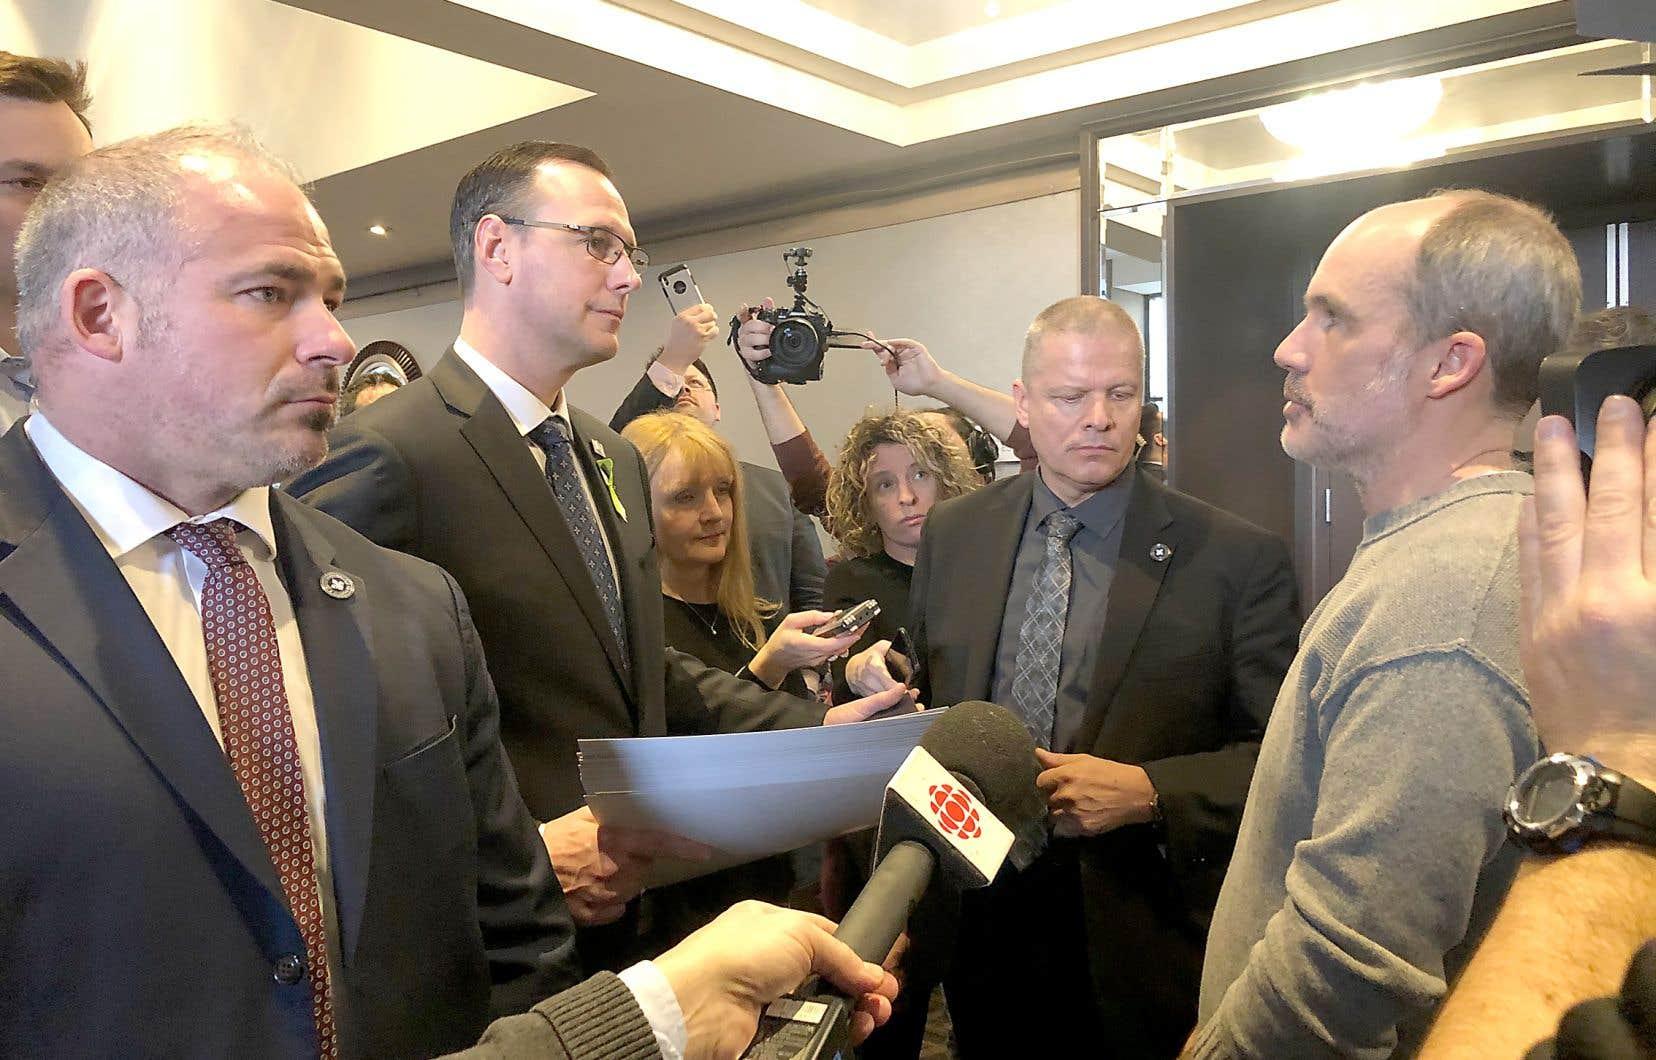 Le ministre de l'Éducation, Jean-François Roberge, a fait face au Centre Sheraton, à Montréal, à un barrage d'enseignants fâchés par la loi sur la réforme de la gouvernance scolaire.